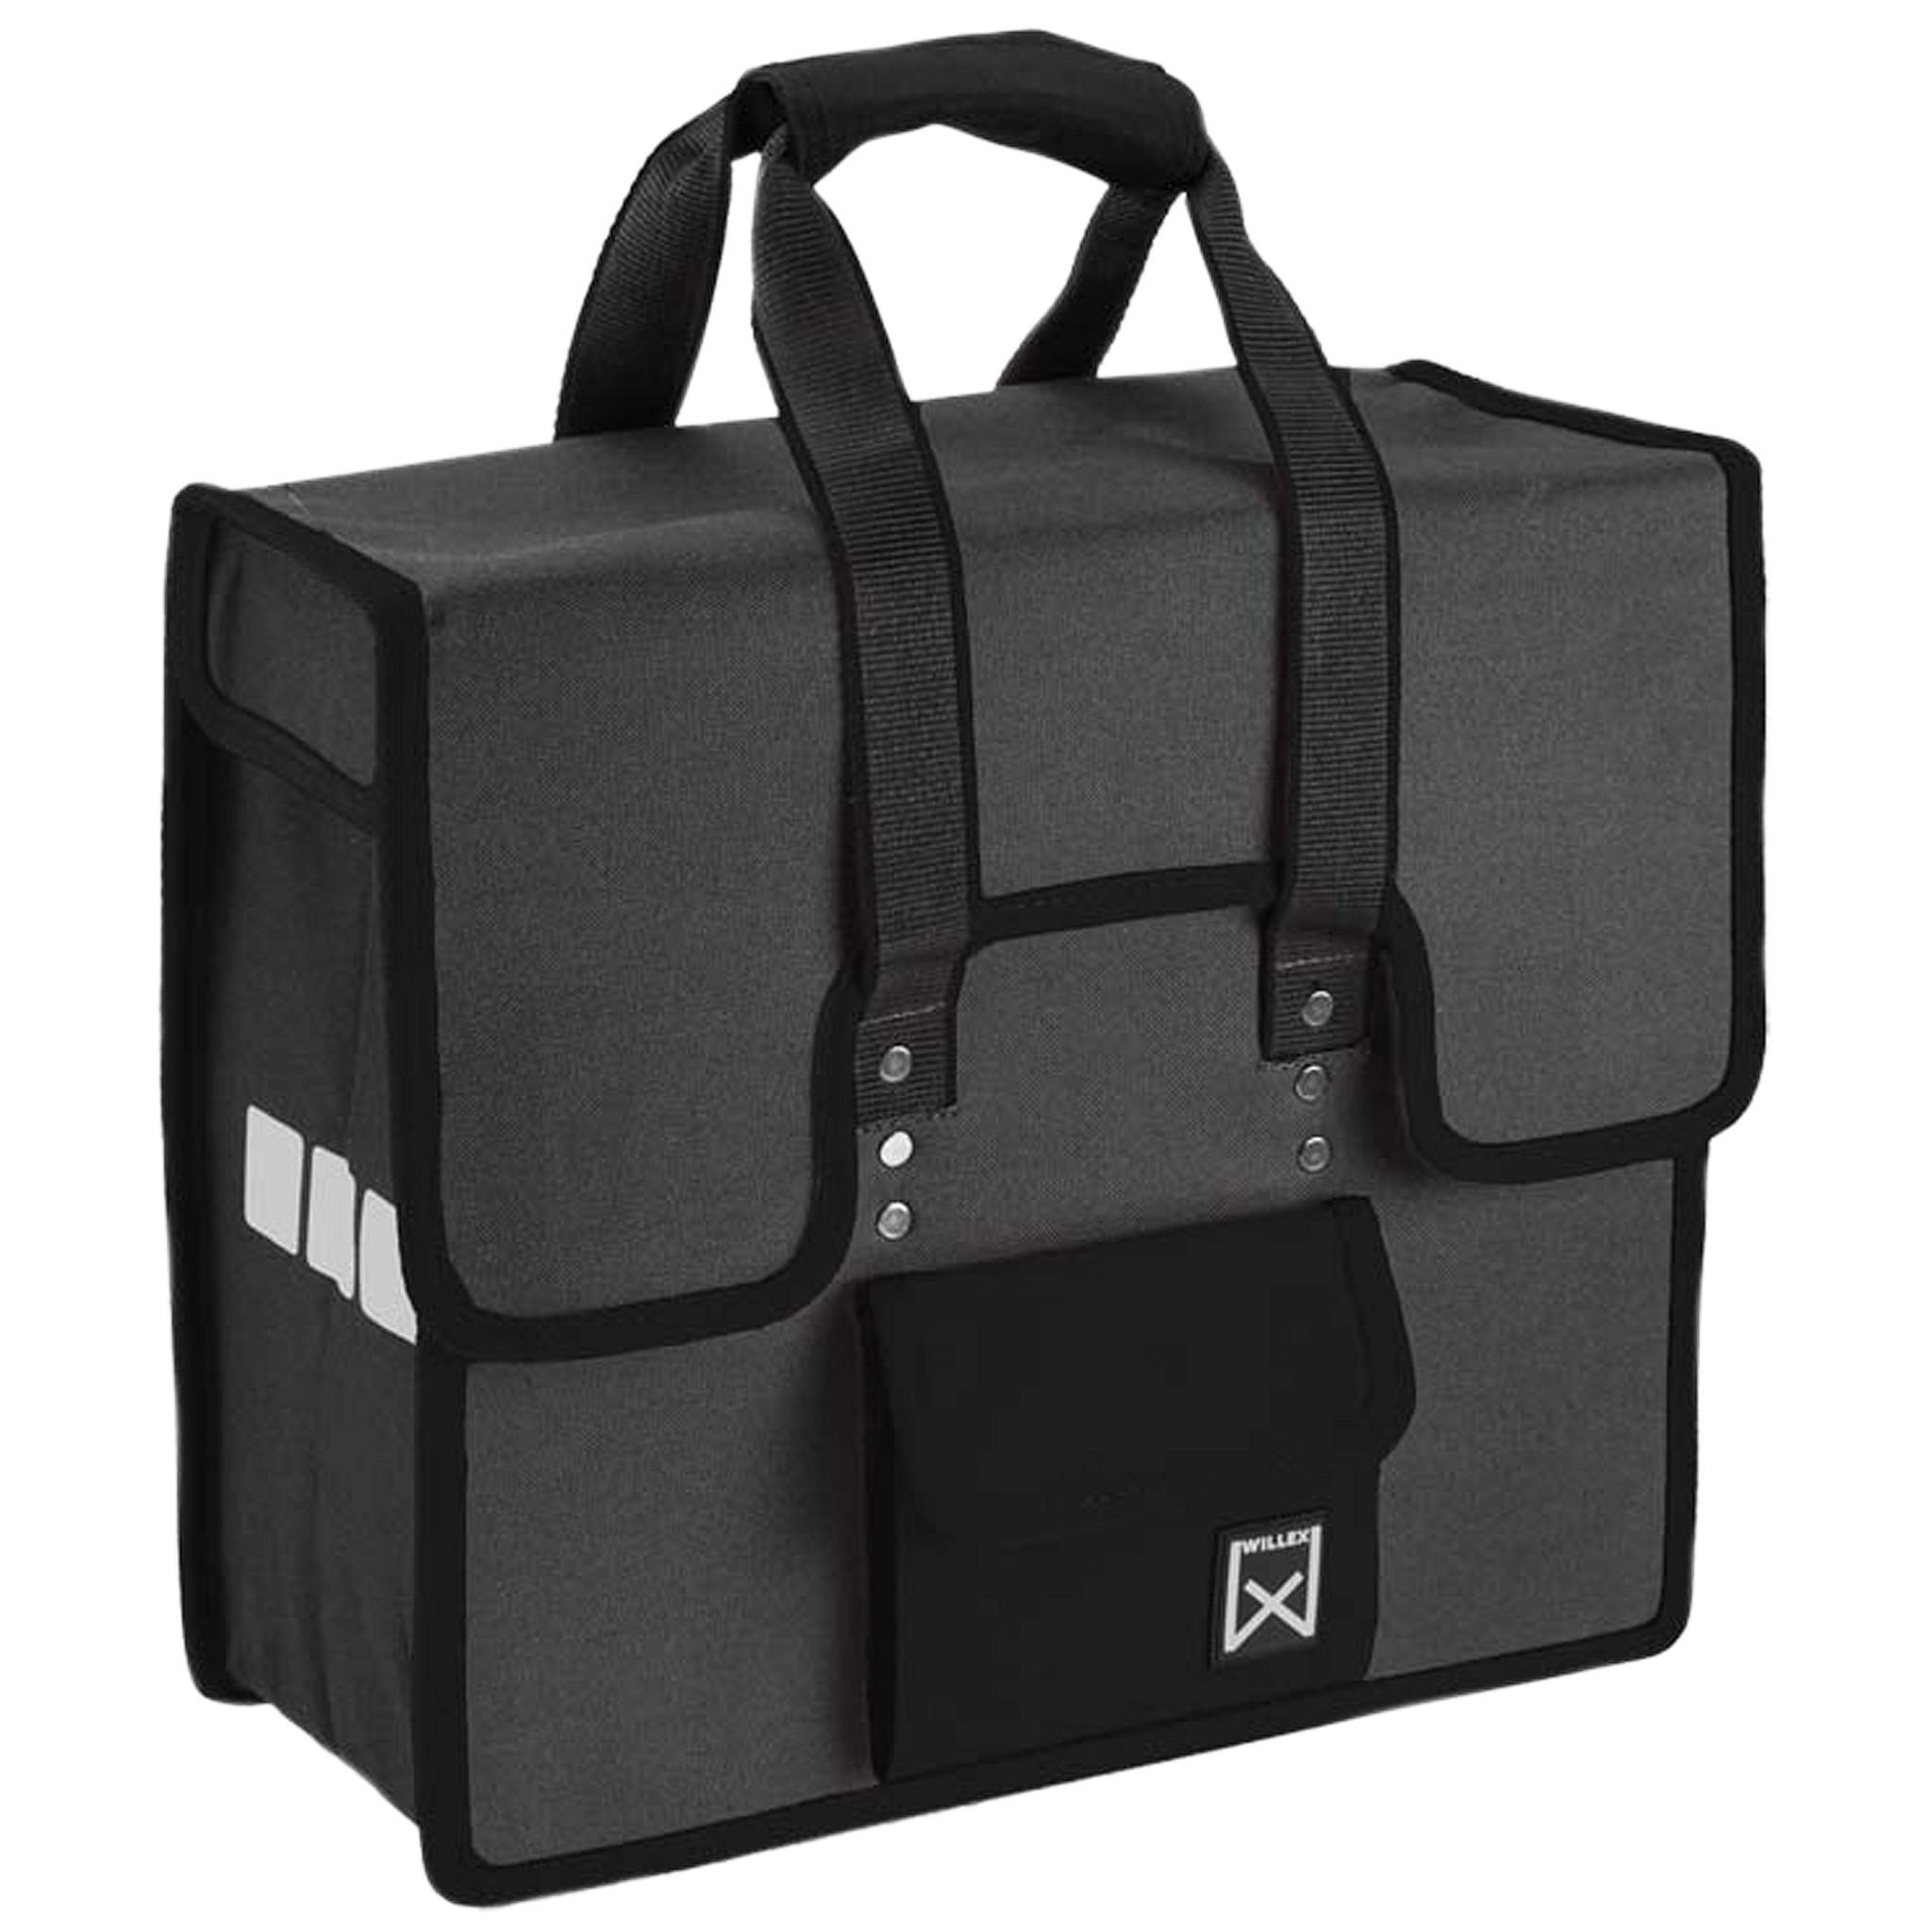 Willex Shopper grijs-zwart 10106